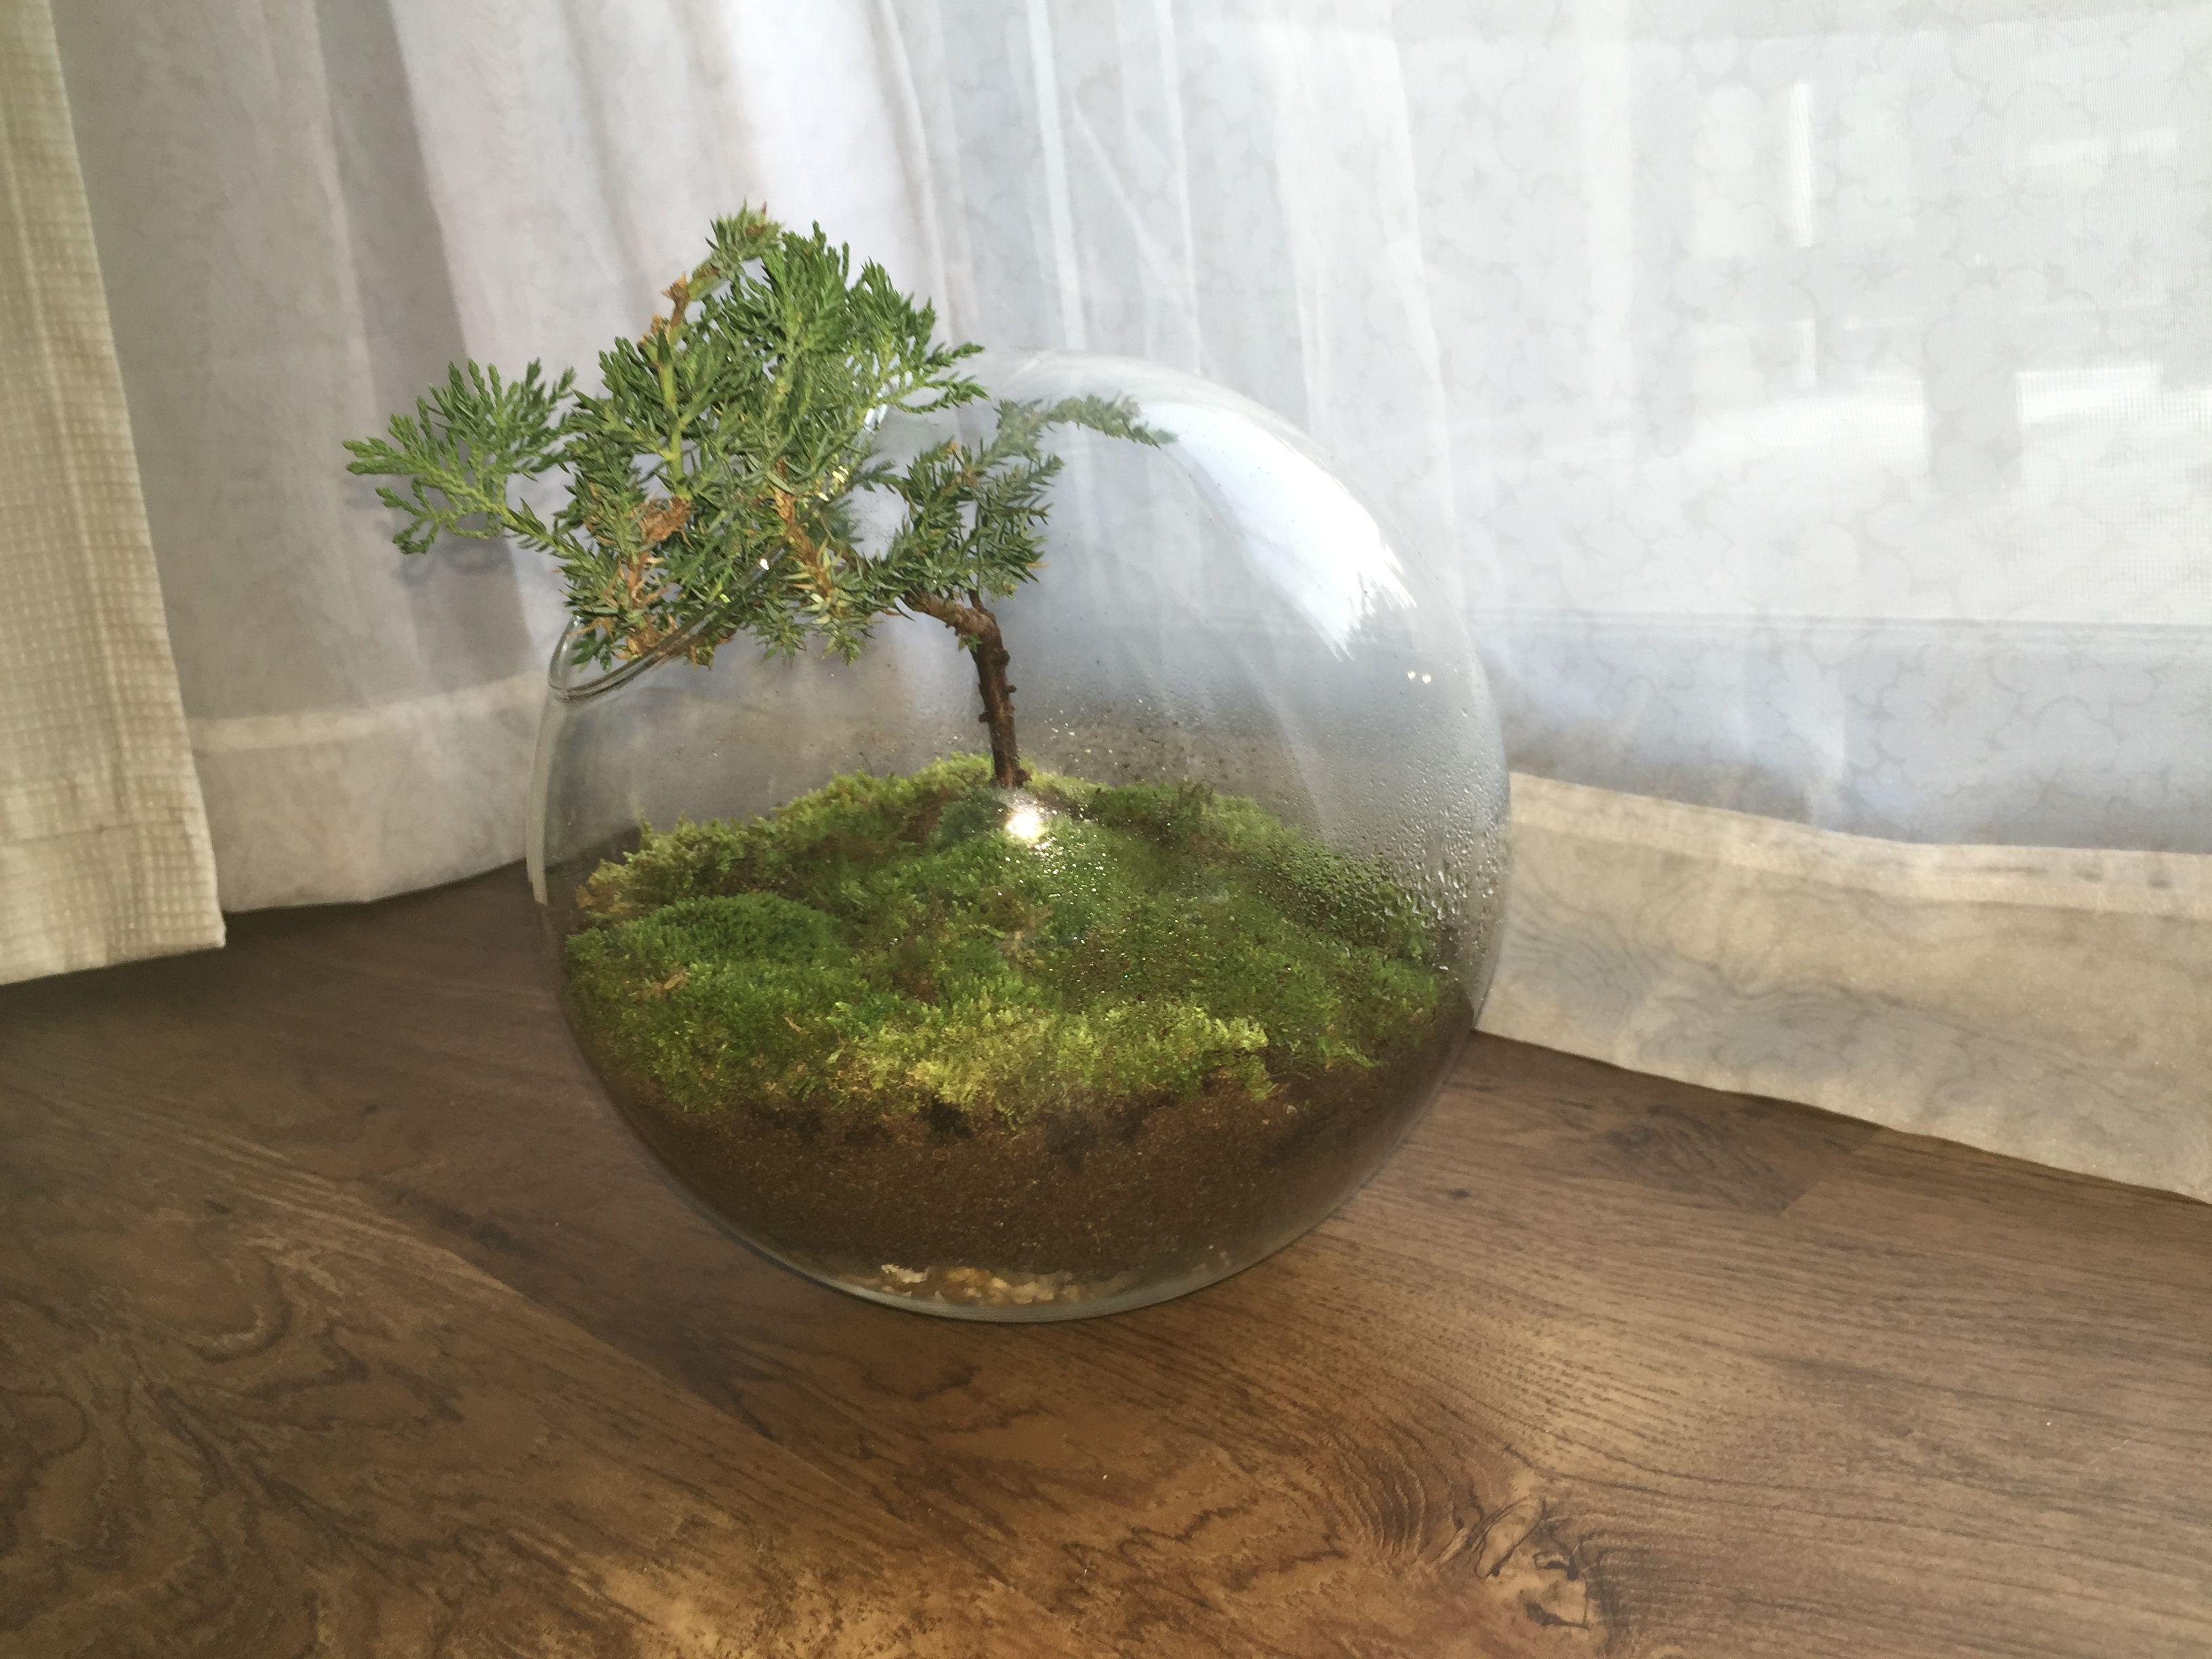 Bonsai Terrarium Glass Sphere Round Circle Bowl With Moss Dirt